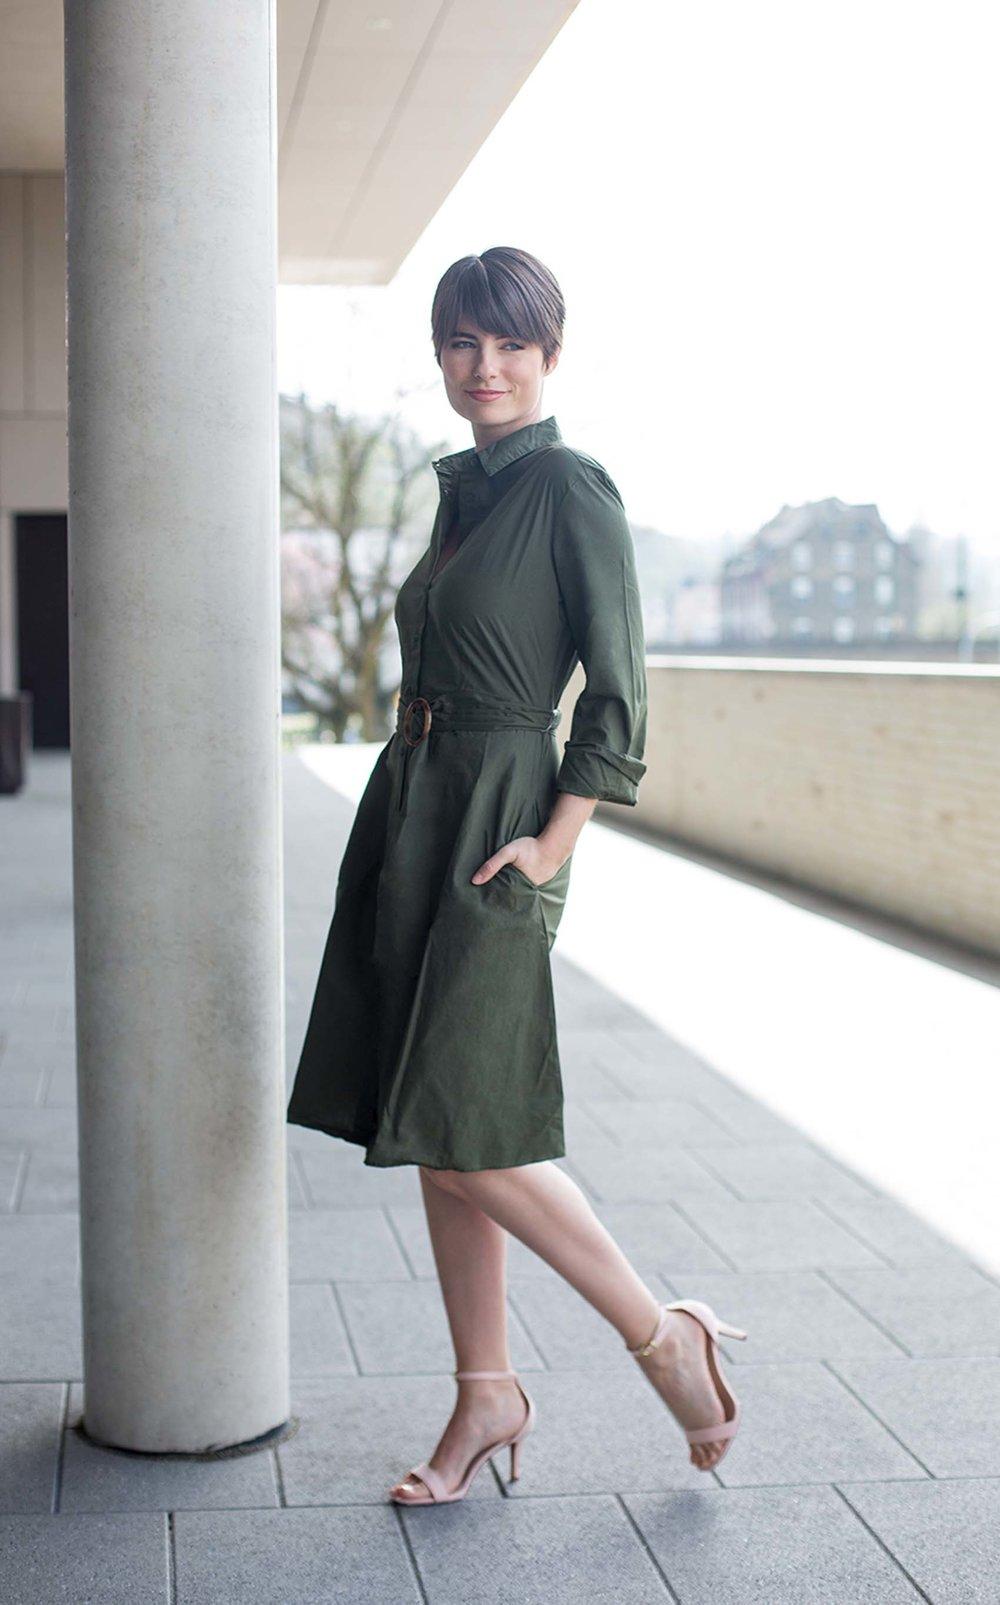 Fashion picture von Sandy in einem grünen Kleid